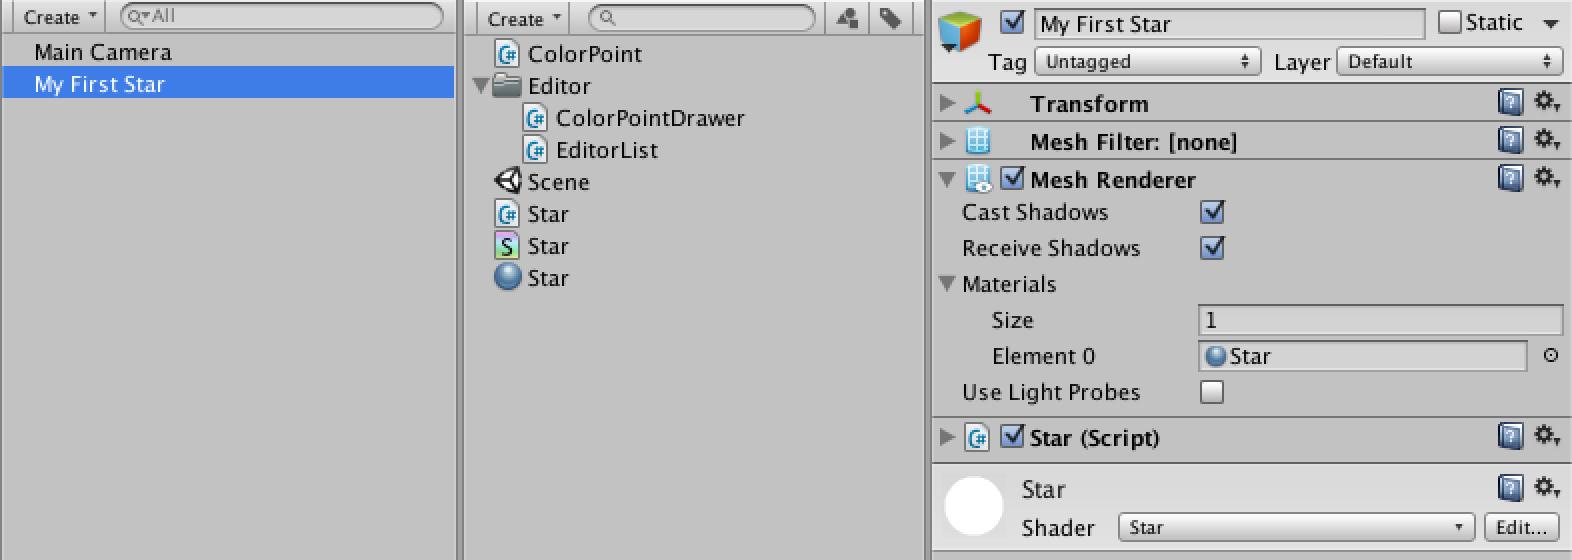 Star, a Unity C# Editor Tutorial